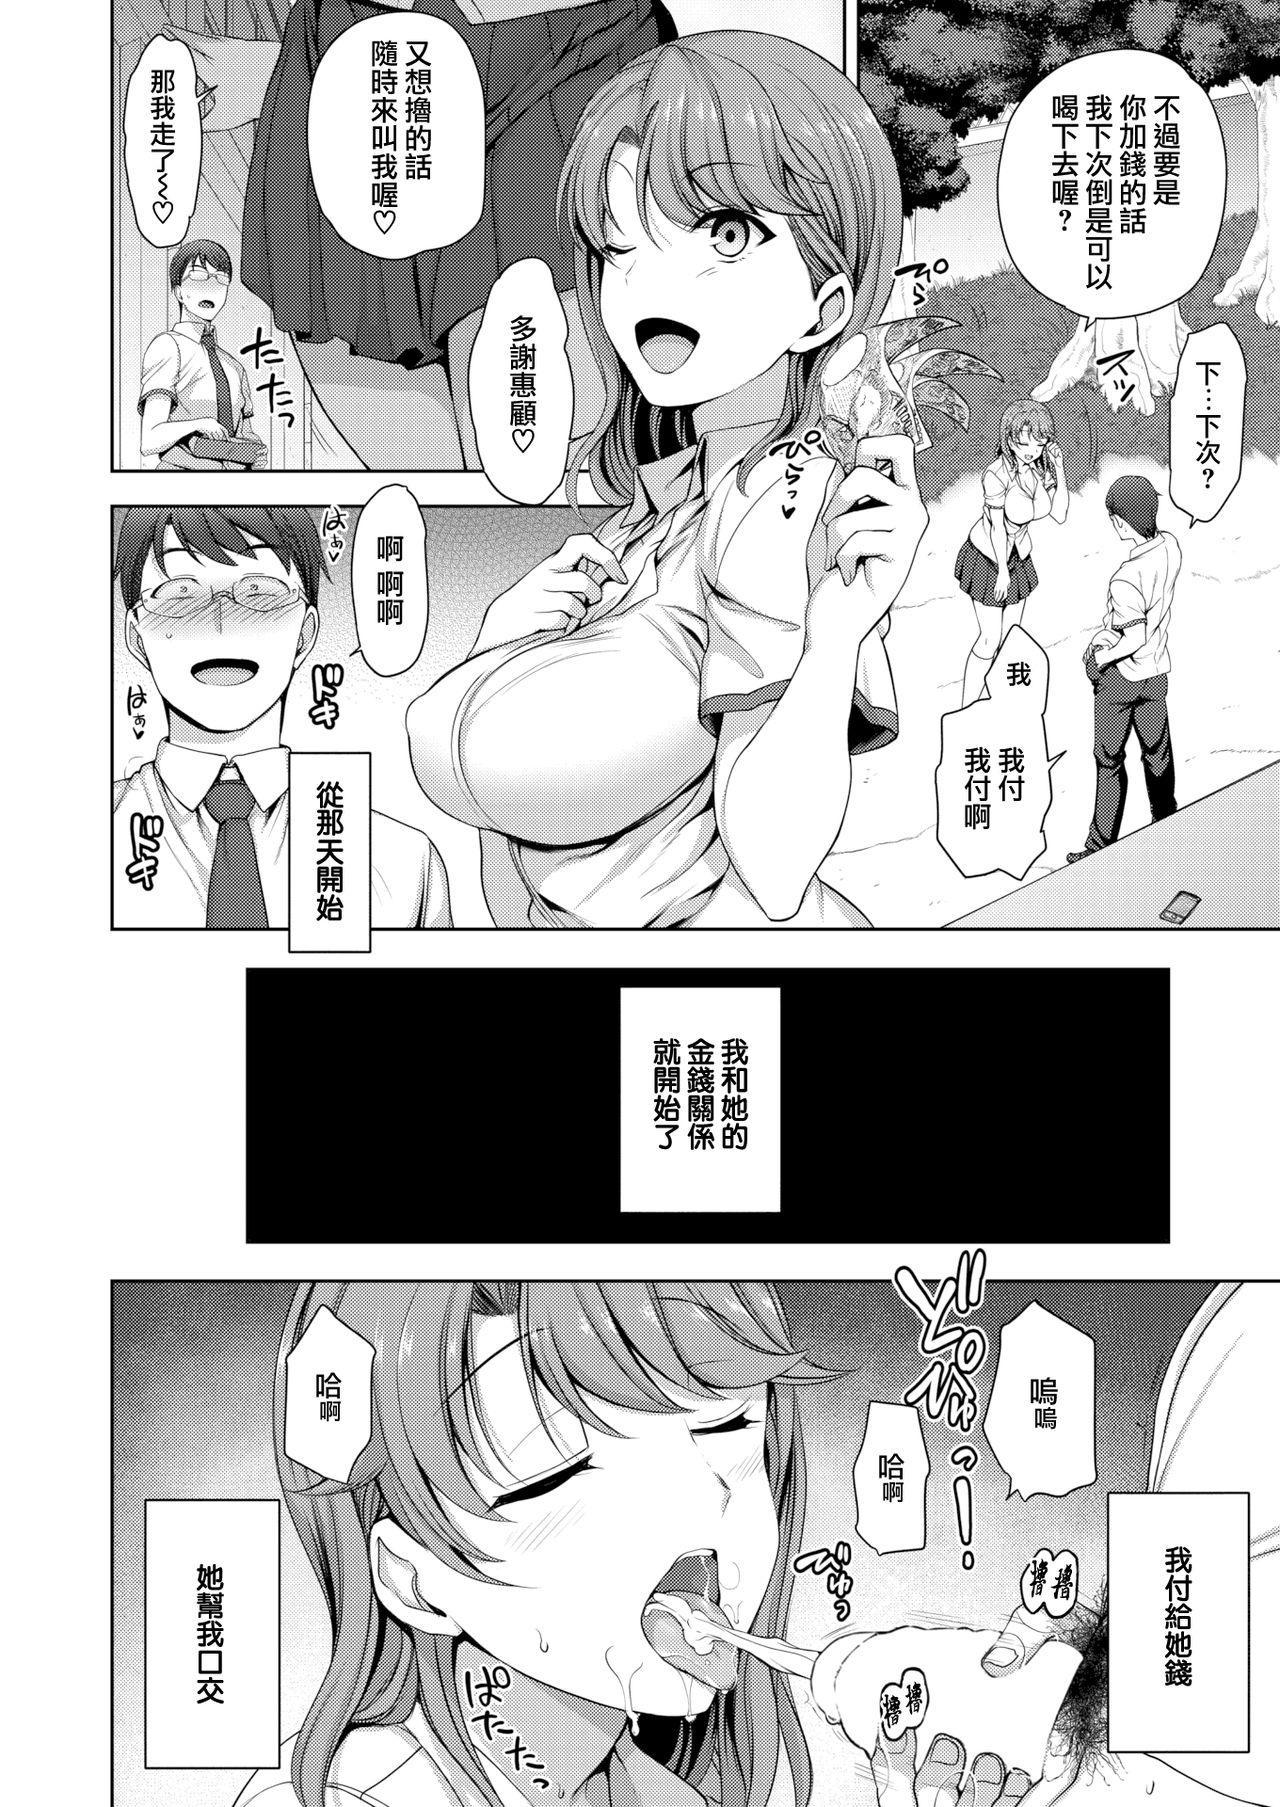 Atashi Ni Kakkin Shite Minai? 10